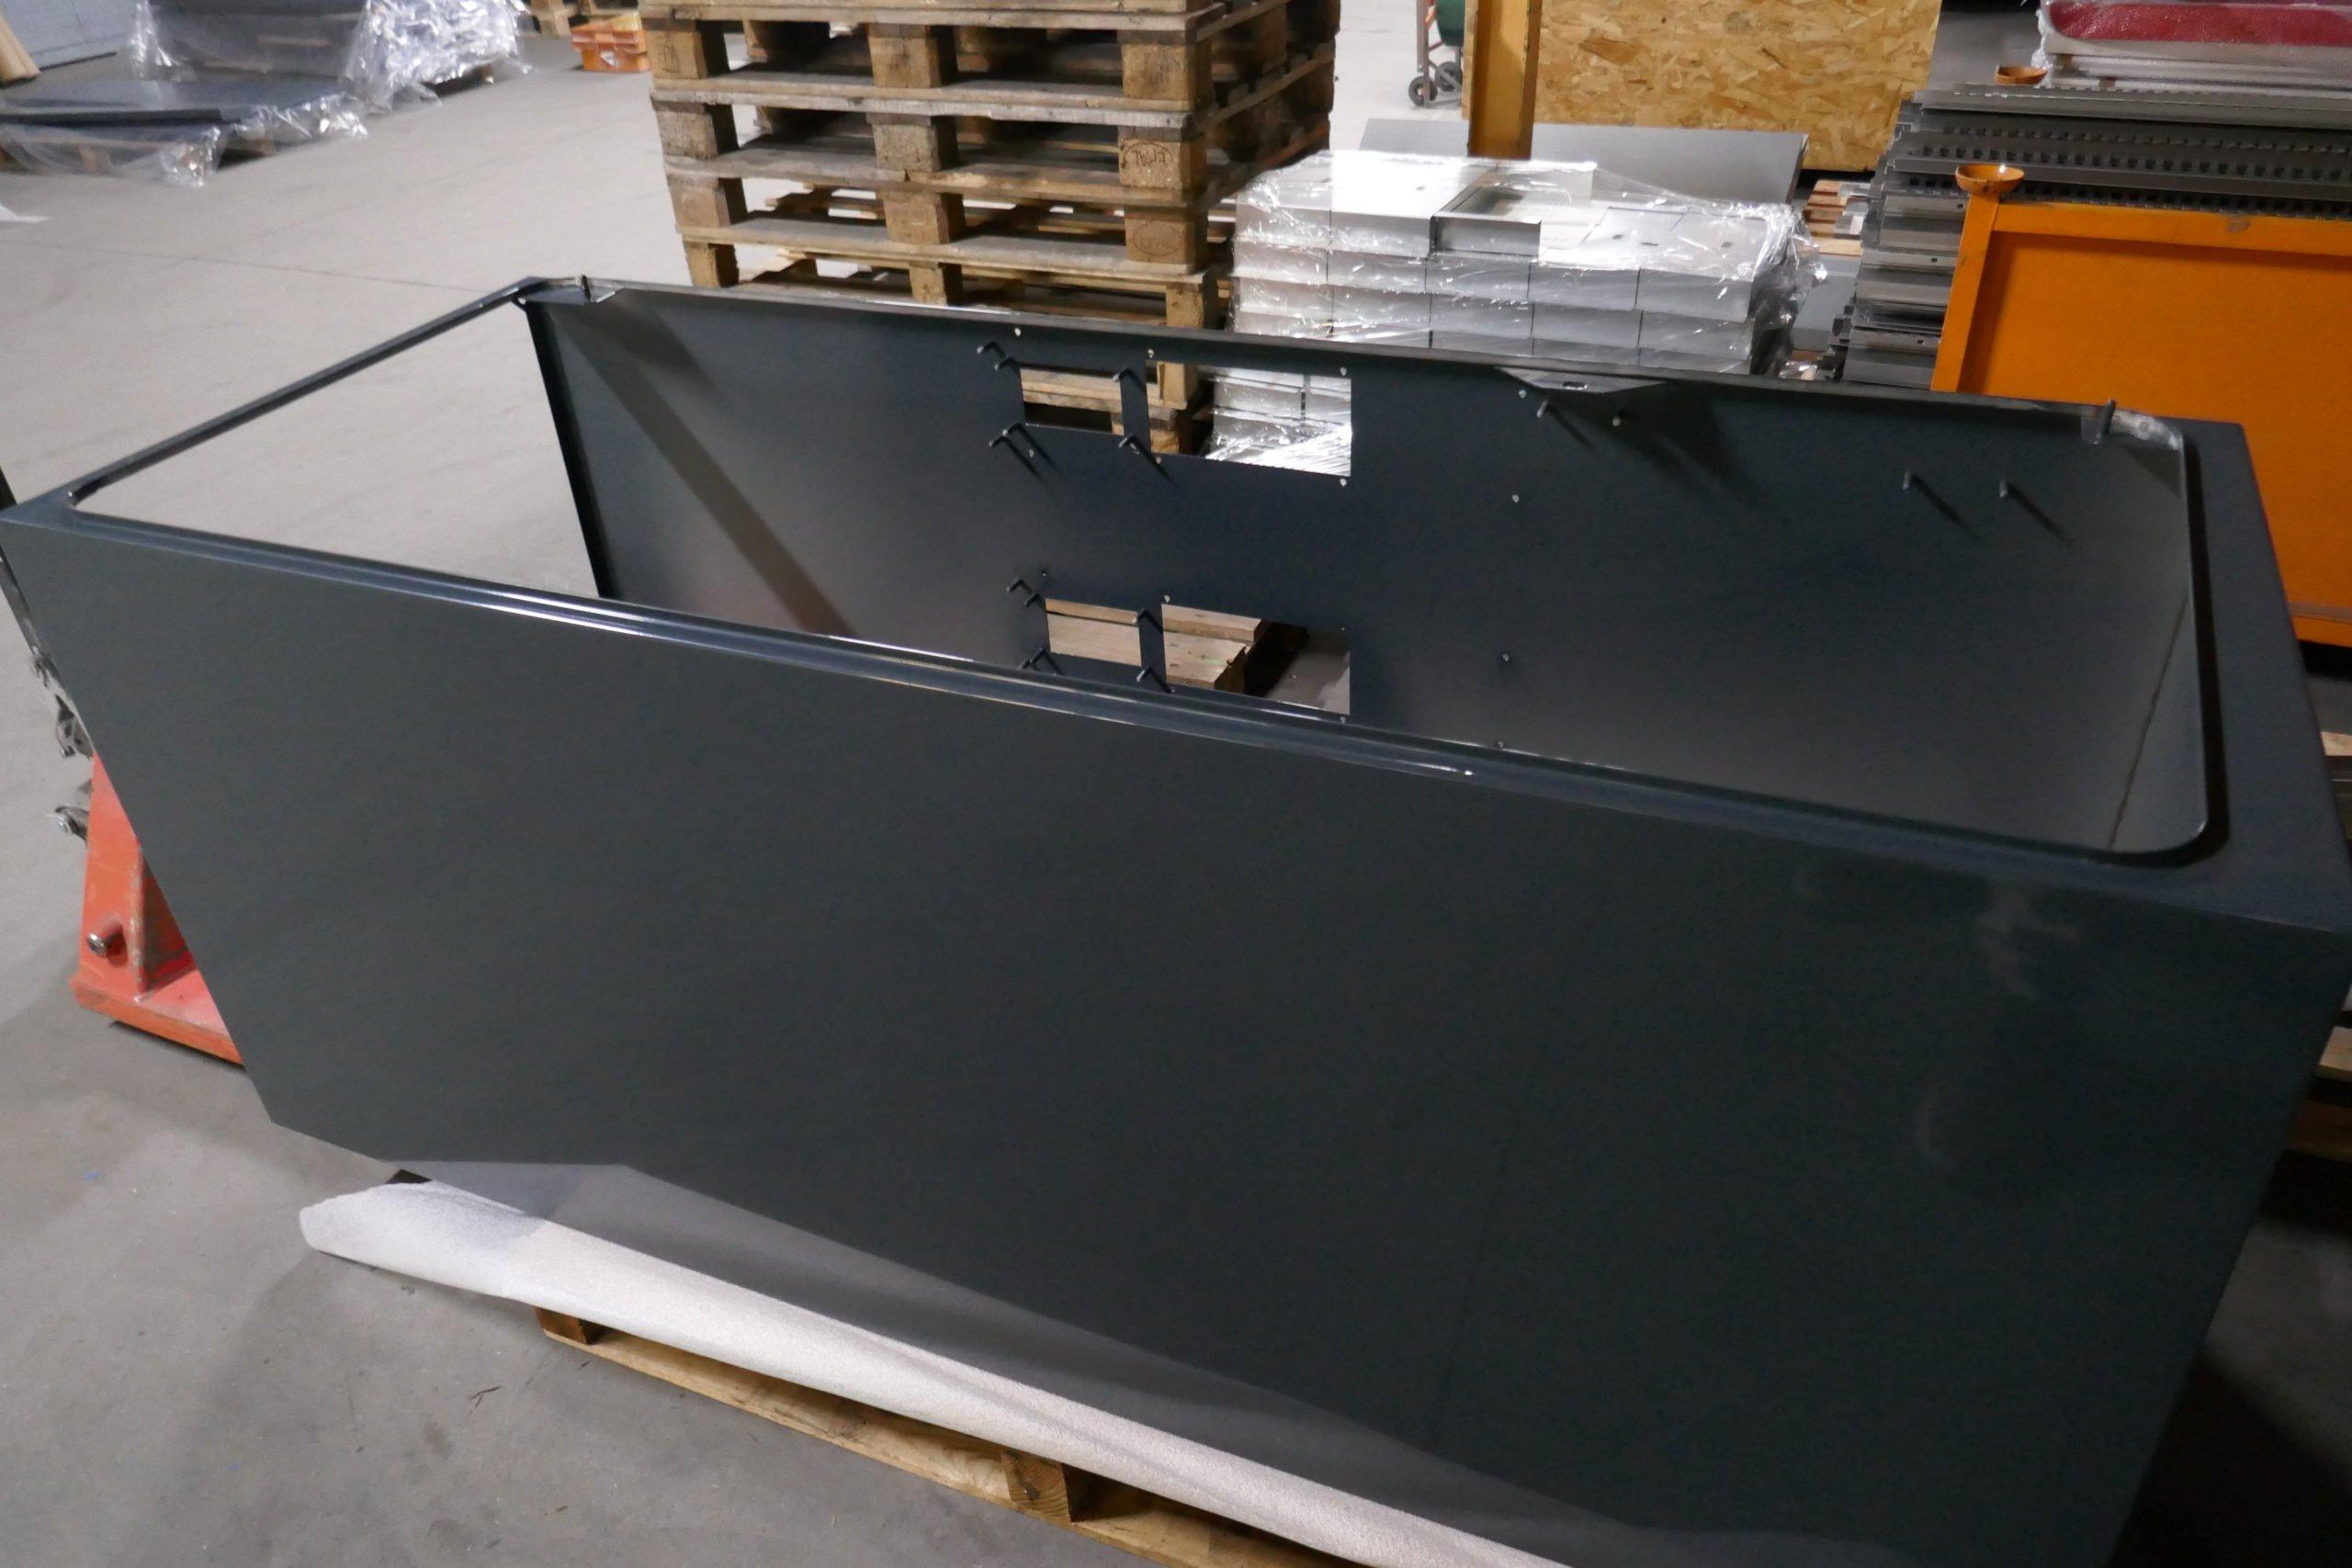 Cabine en métal peinte en noir par procédé de thermolaquage